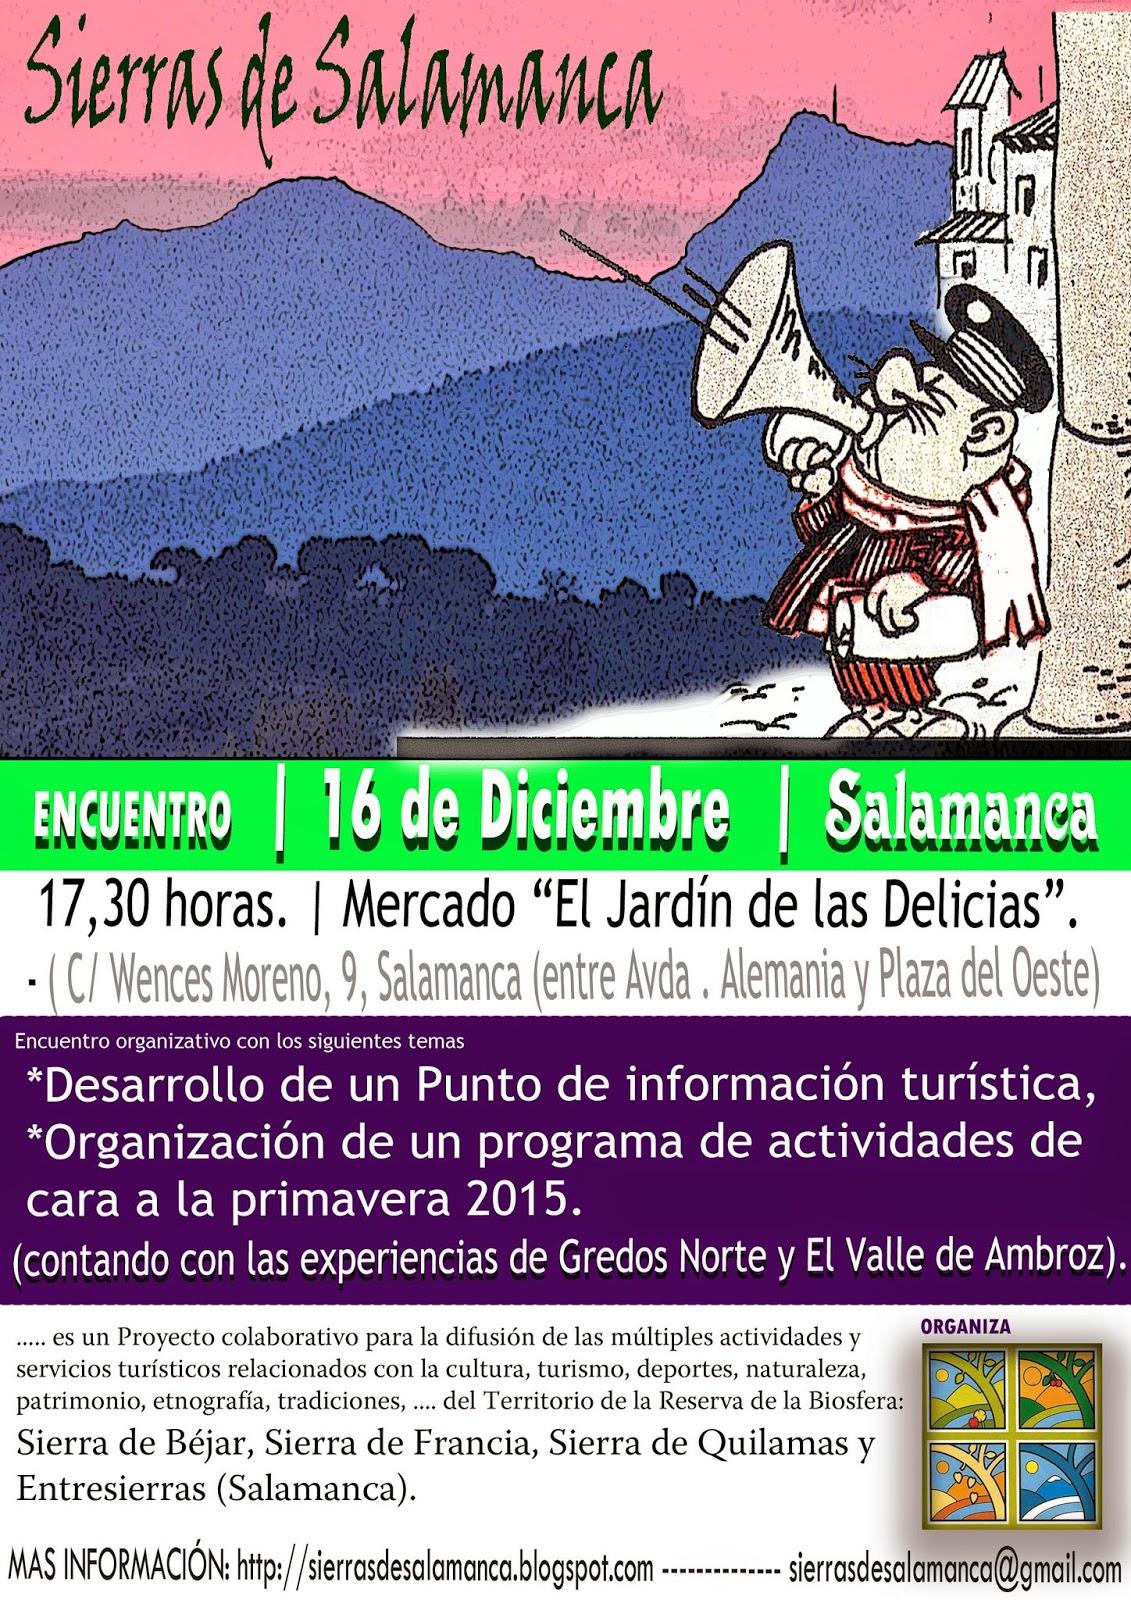 16/Dic/14. Encuentro para mejorar la Cooperación en las Sierras de Salamanca